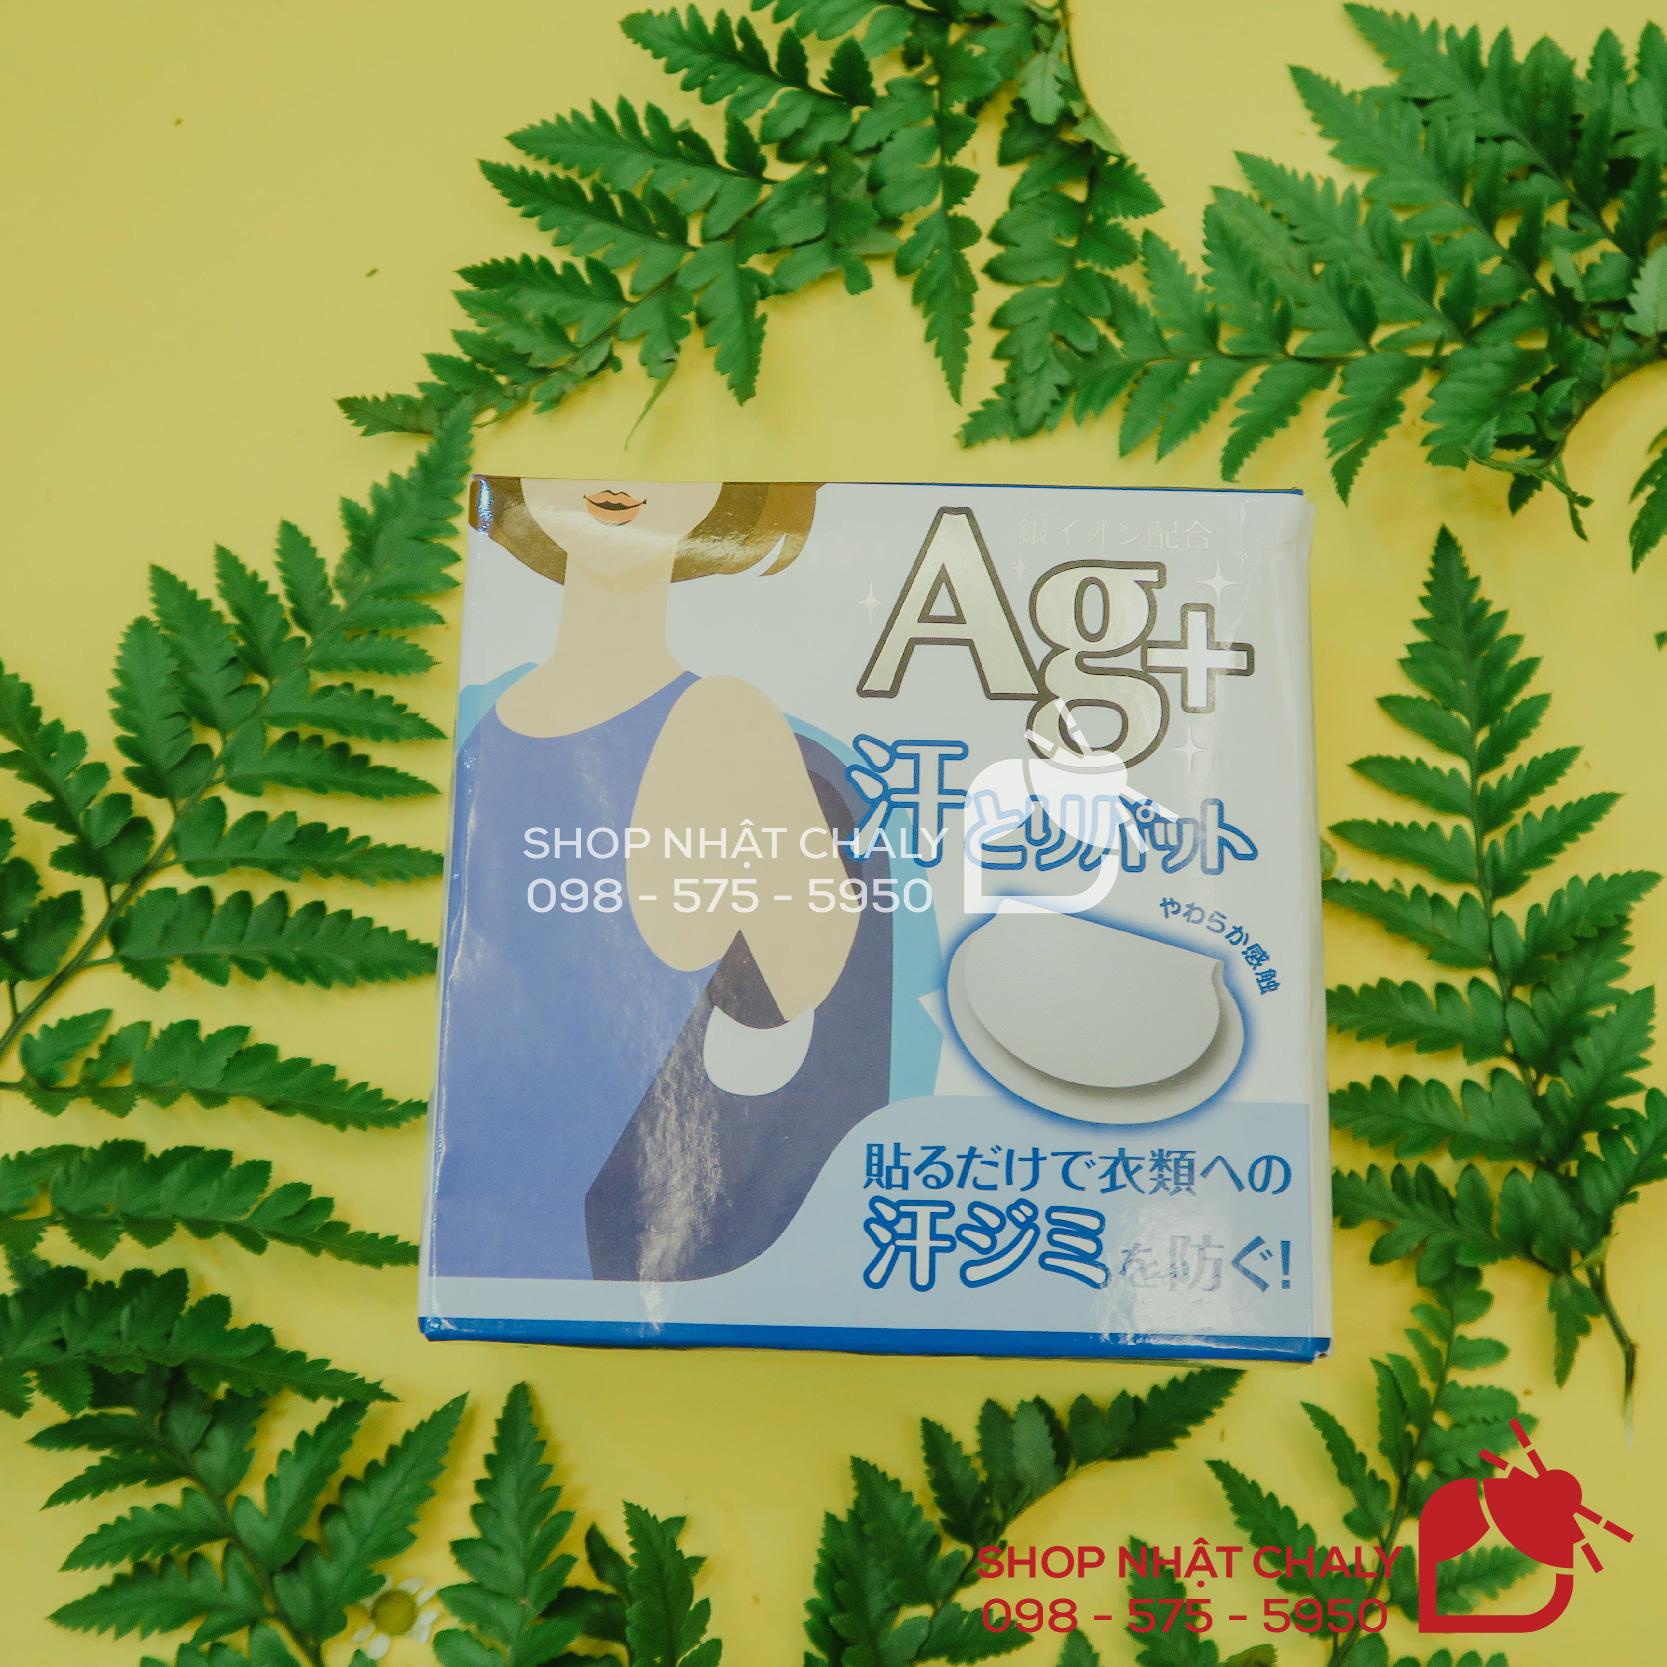 Miếng dán nách áo thấm hút mồ hôi Ag+ của Nhật là sản phẩm của hãng Cotton Labo chuyên phụ kiện thành phần cotton Nhật 100% siêu lành tính, được review cao, thích hợp cho da mẫn cảm